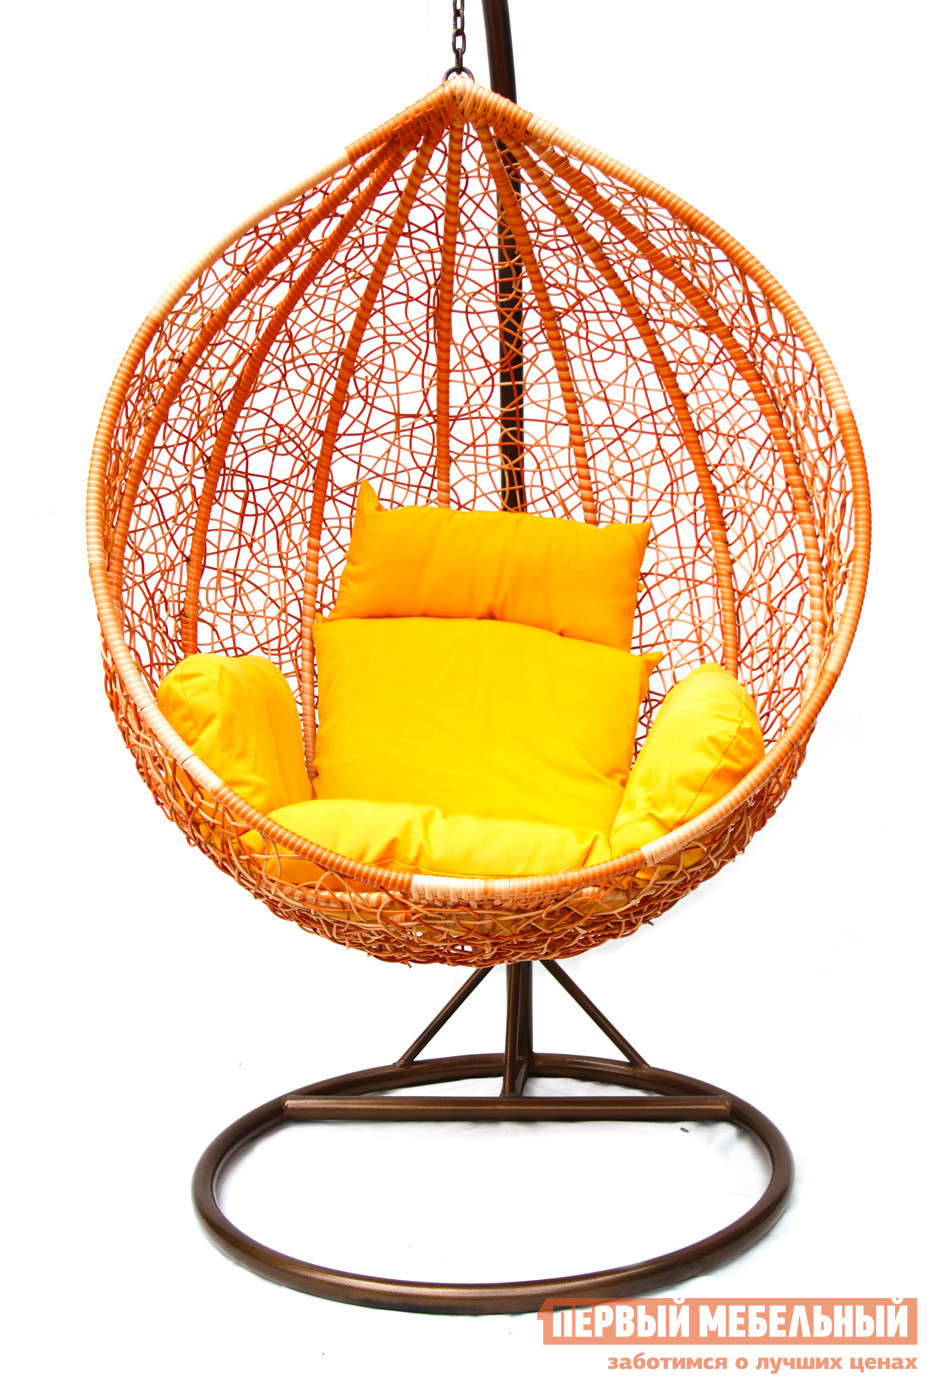 Подвесное кресло Kvimol KM-0001 (рыжий) Рыжий иск. ротанг/Желтая подушка, Большая корзина